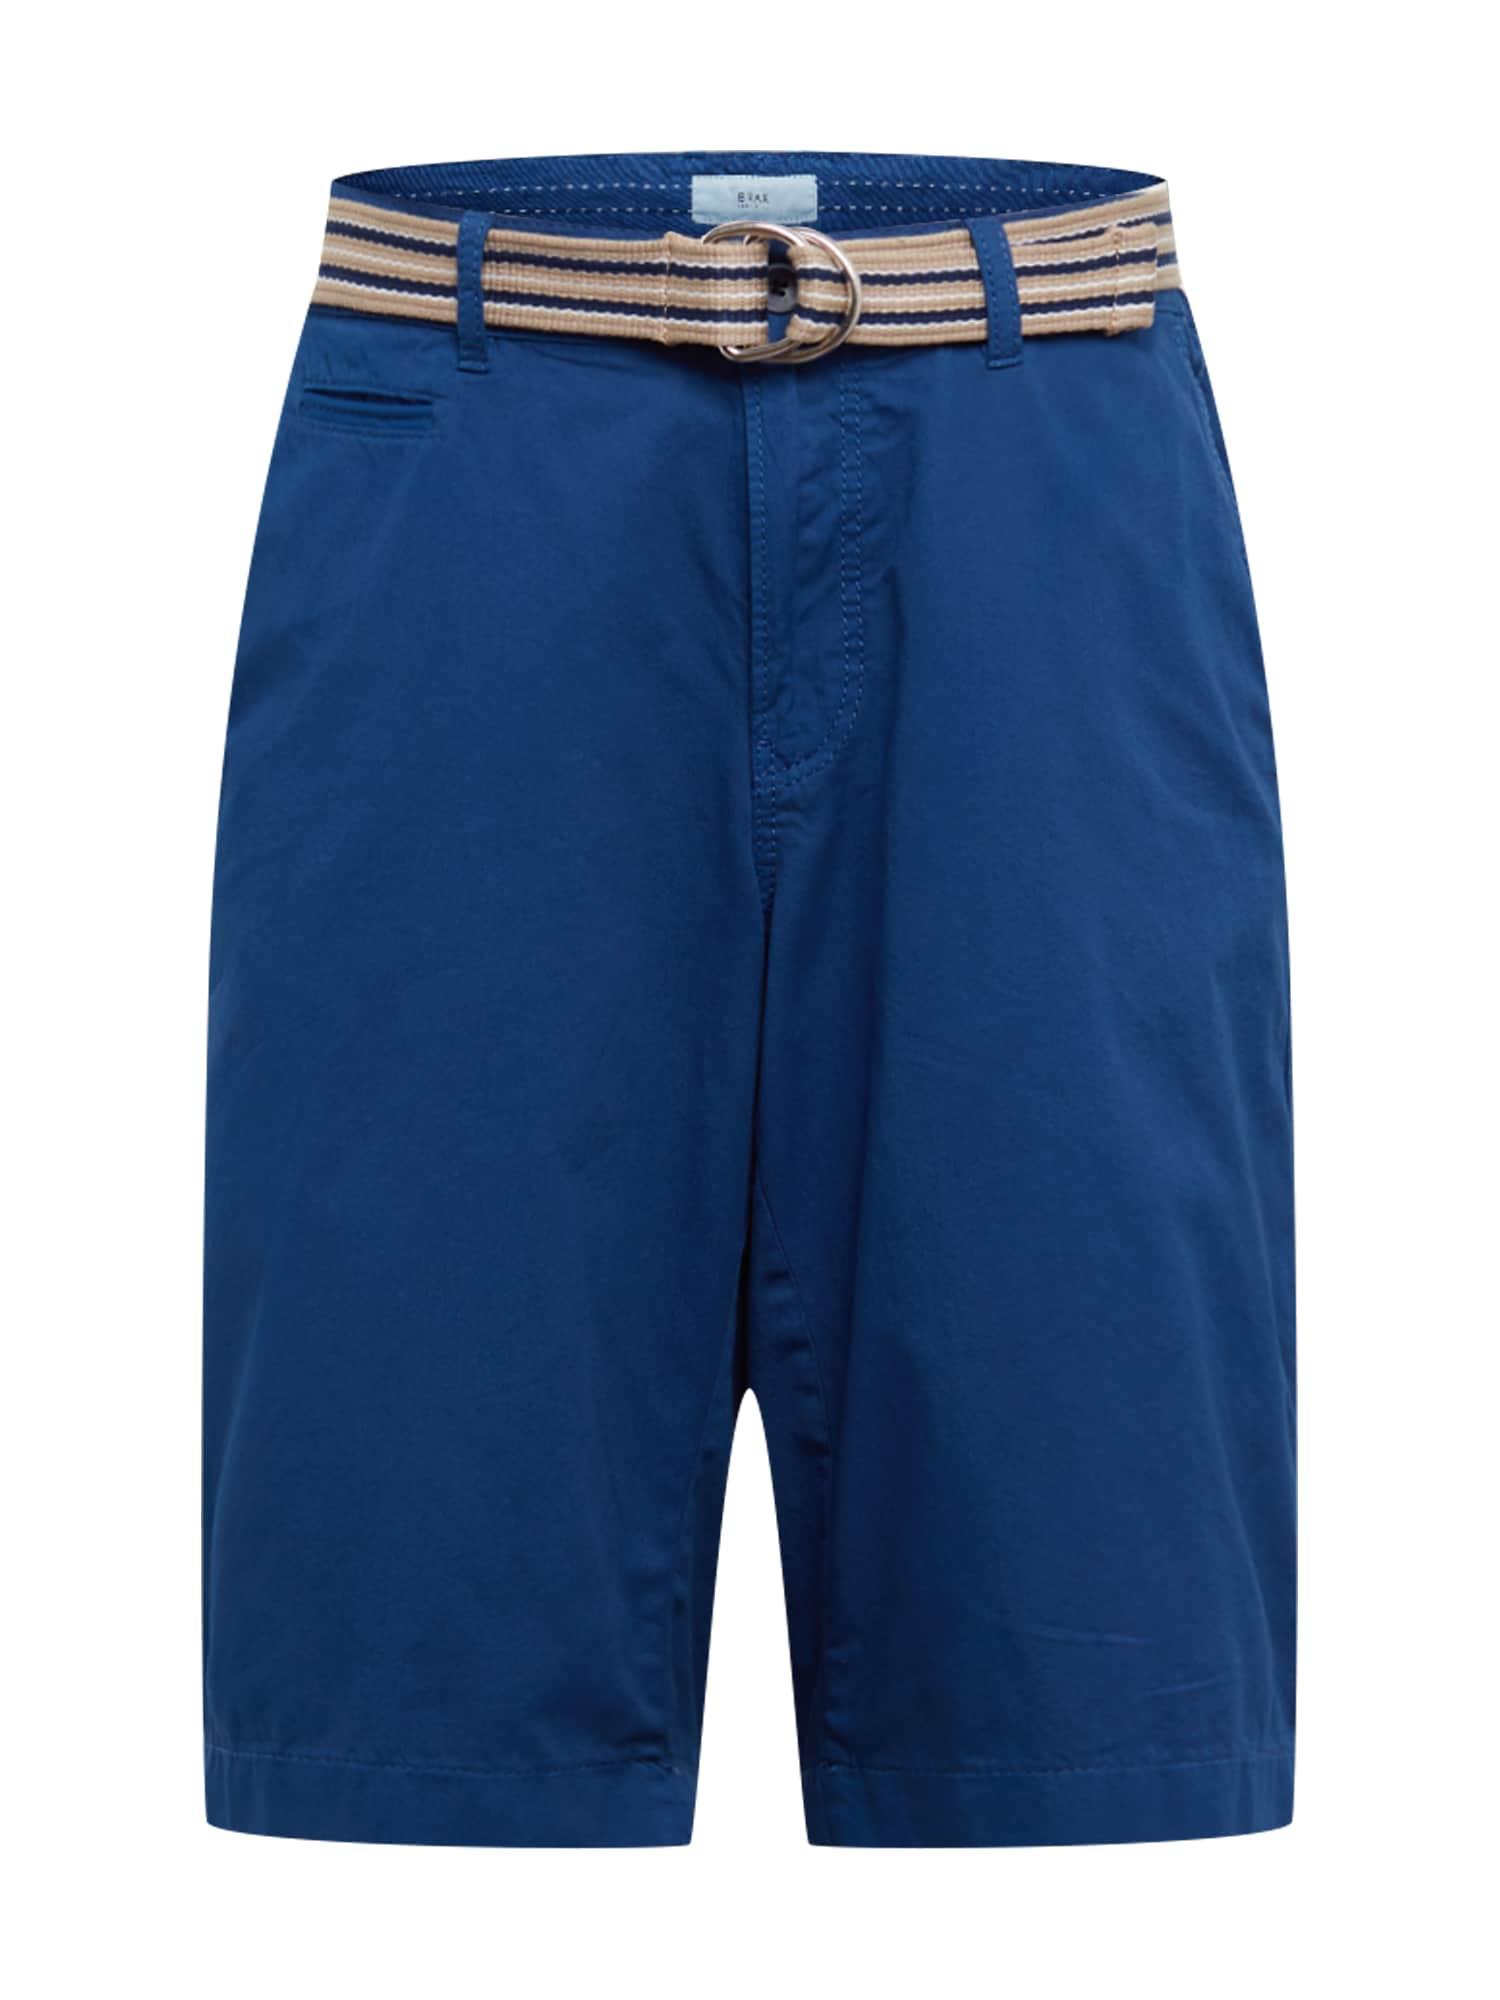 BRAX Kelnės 'Style Bari B ' azuro